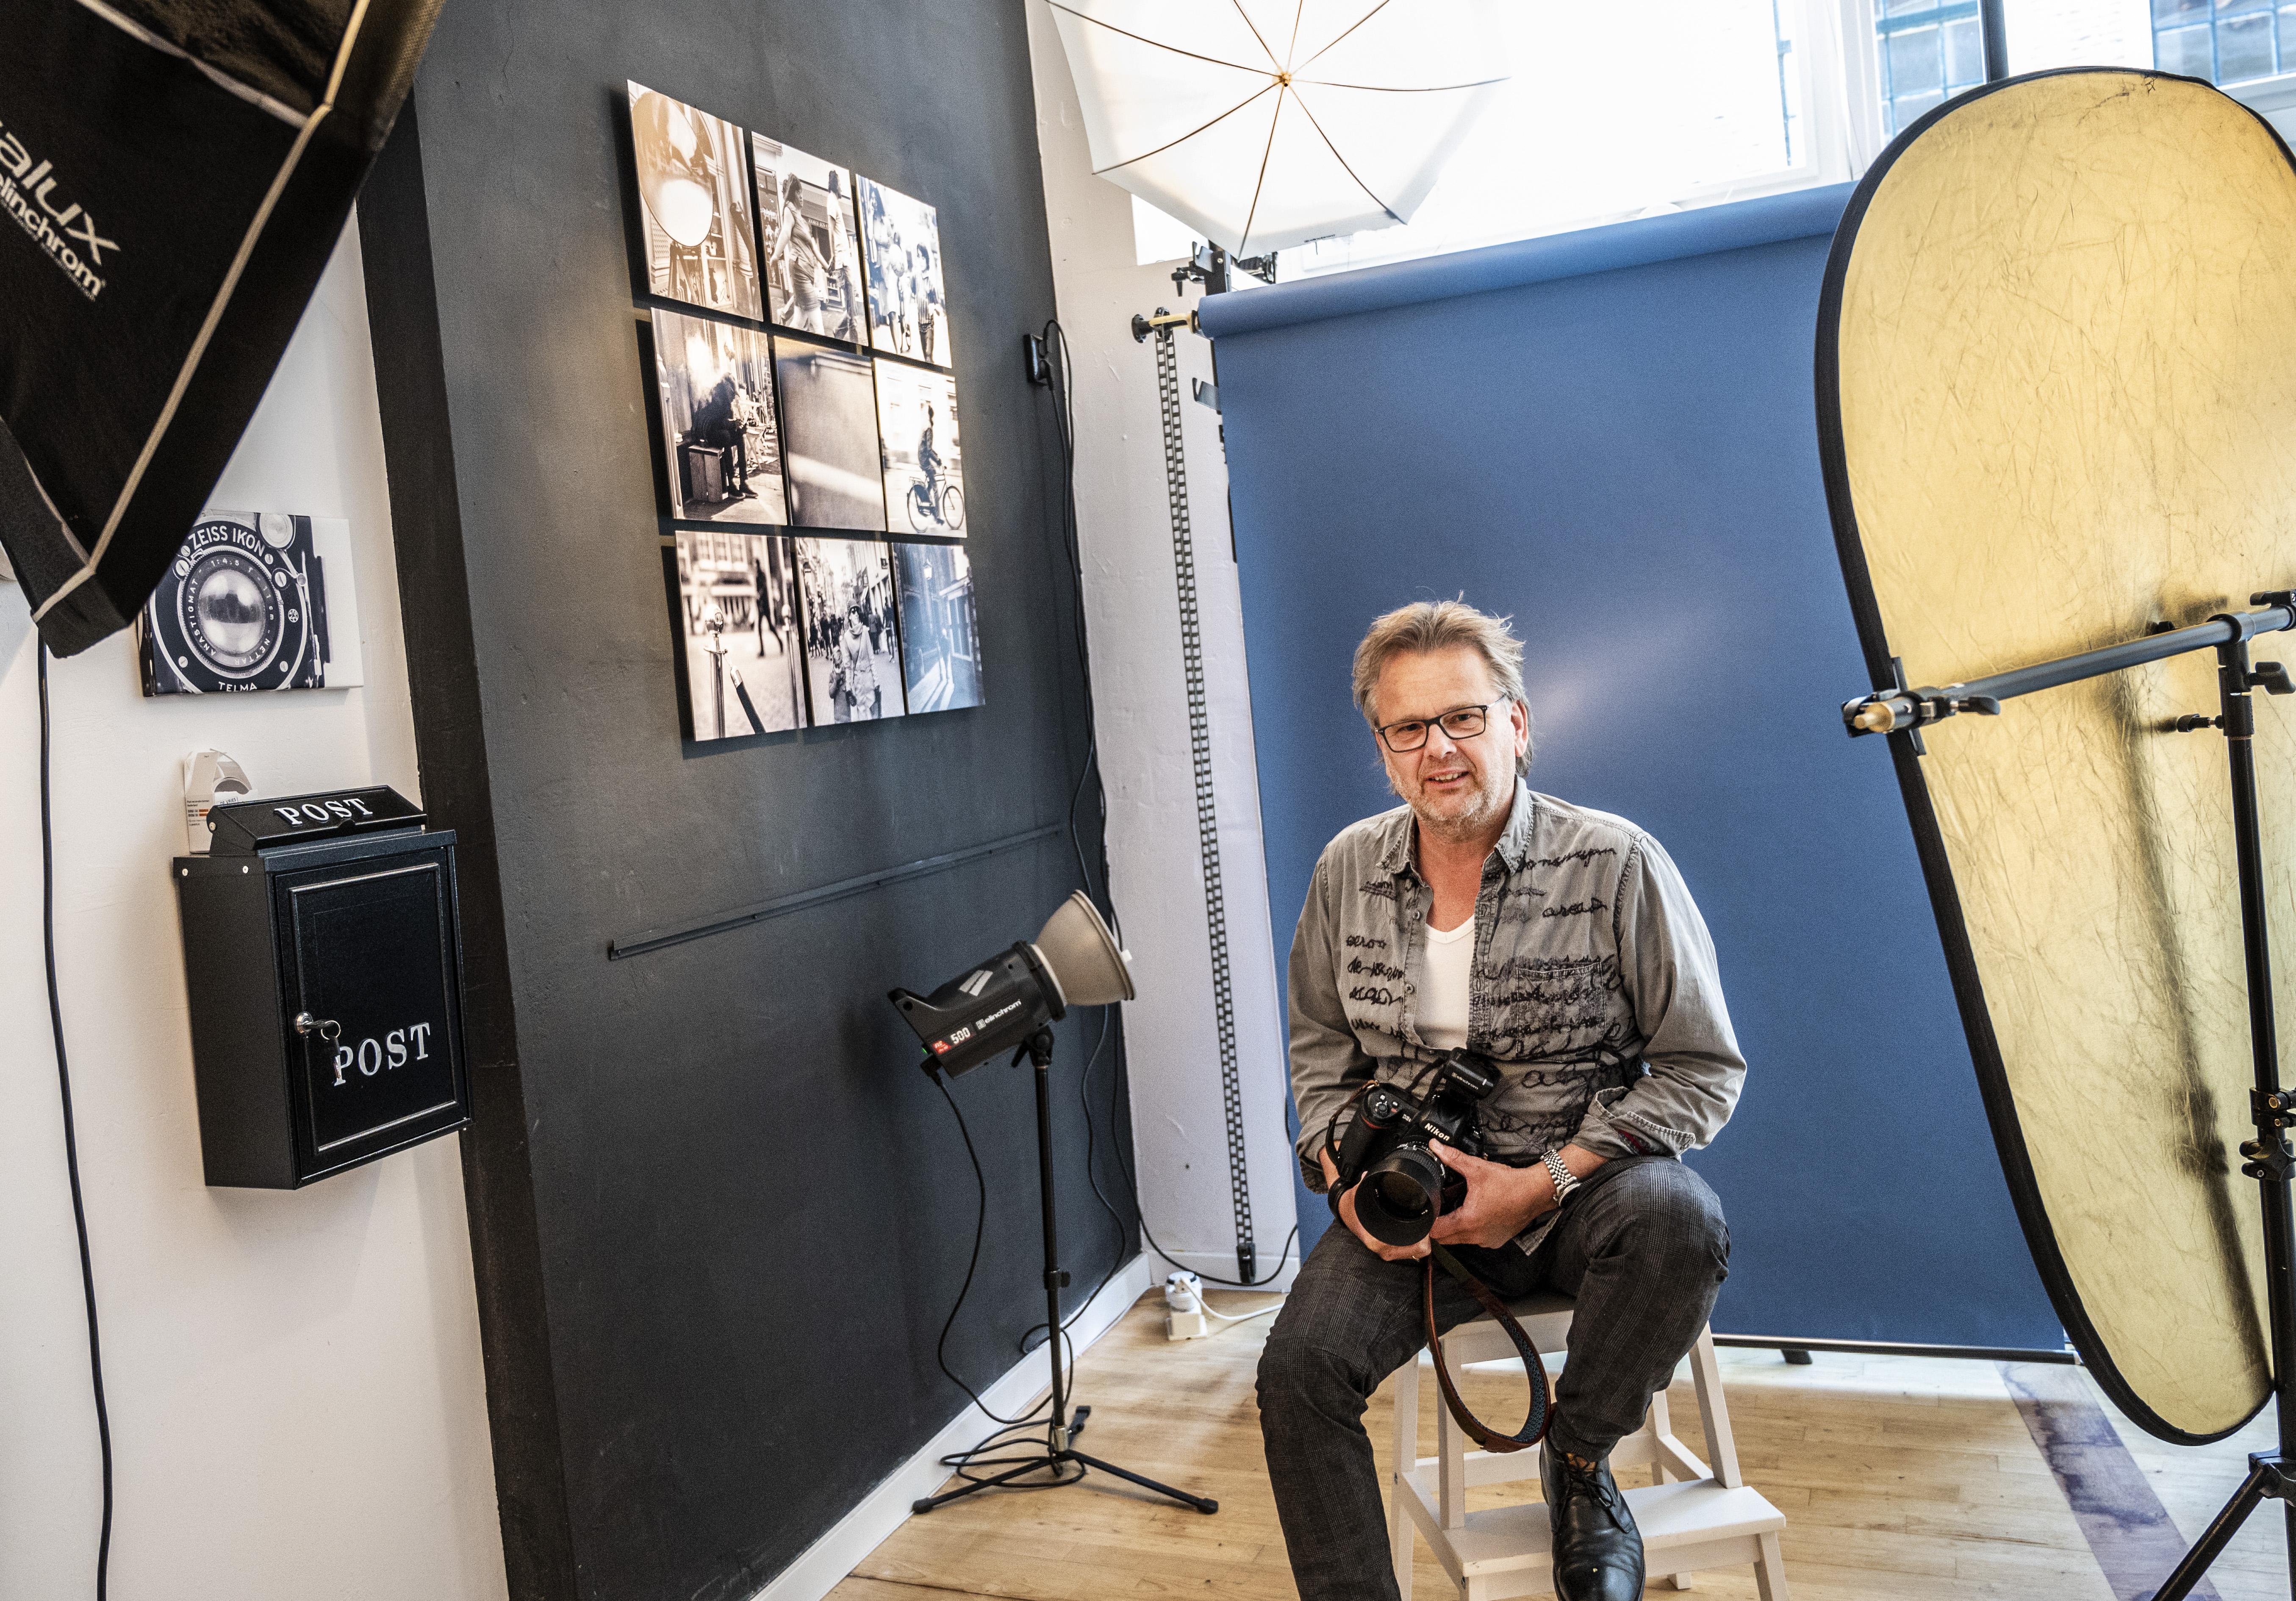 Haarlemmer Arnold Bartman over de liefde voor het fotograferen van scholieren: 'Een kind is een spiegel'